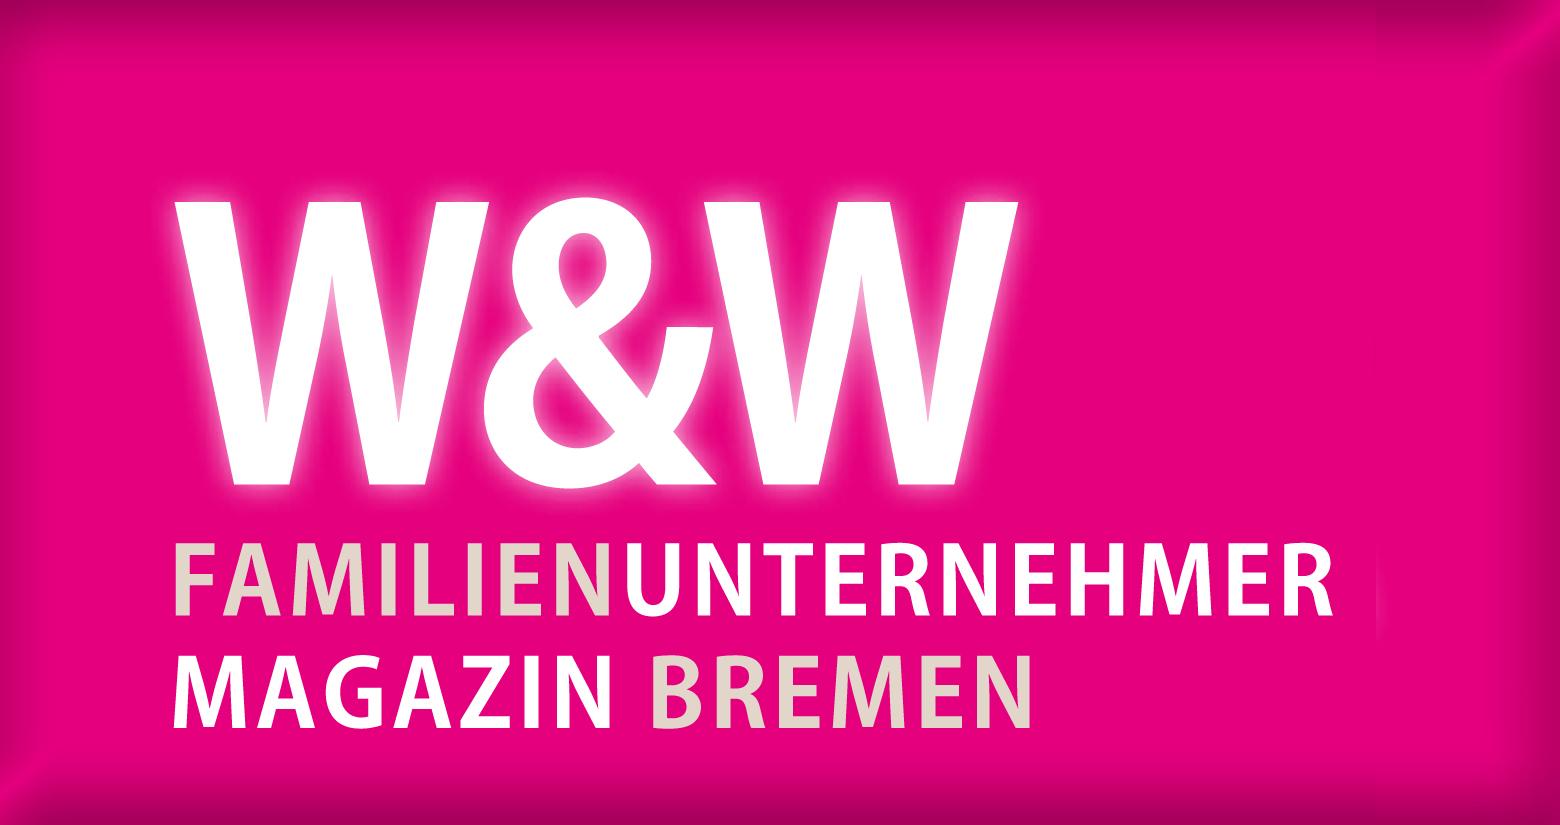 W & W Familienunternehmer Magazin Bremen berichtet über terminic